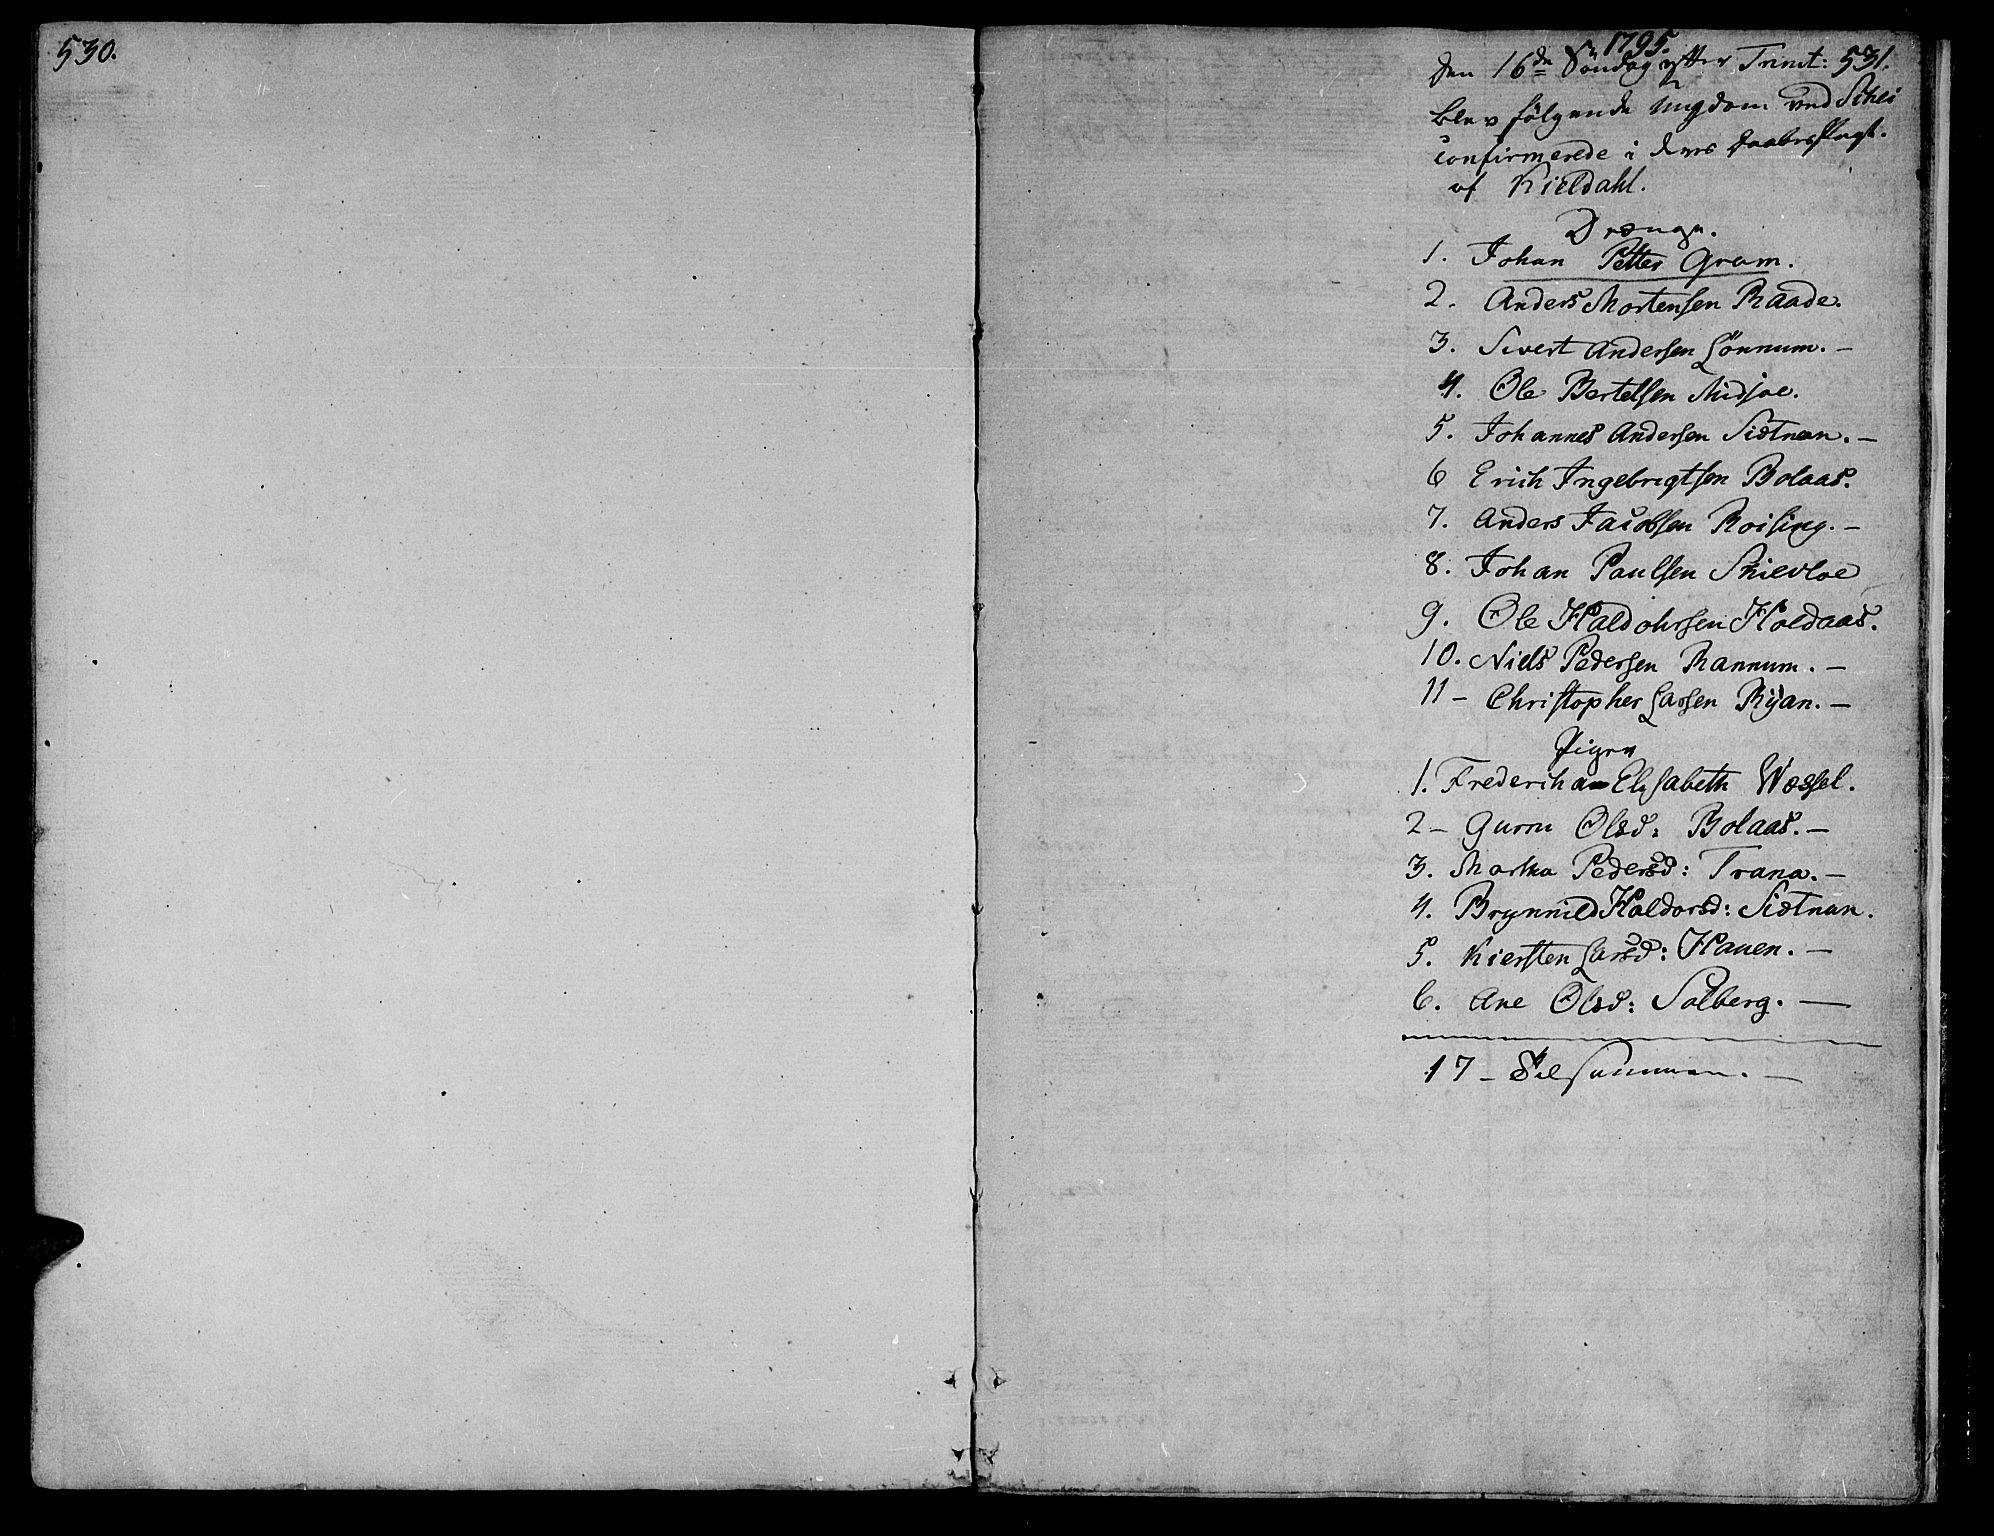 SAT, Ministerialprotokoller, klokkerbøker og fødselsregistre - Nord-Trøndelag, 735/L0332: Ministerialbok nr. 735A03, 1795-1816, s. 530-531